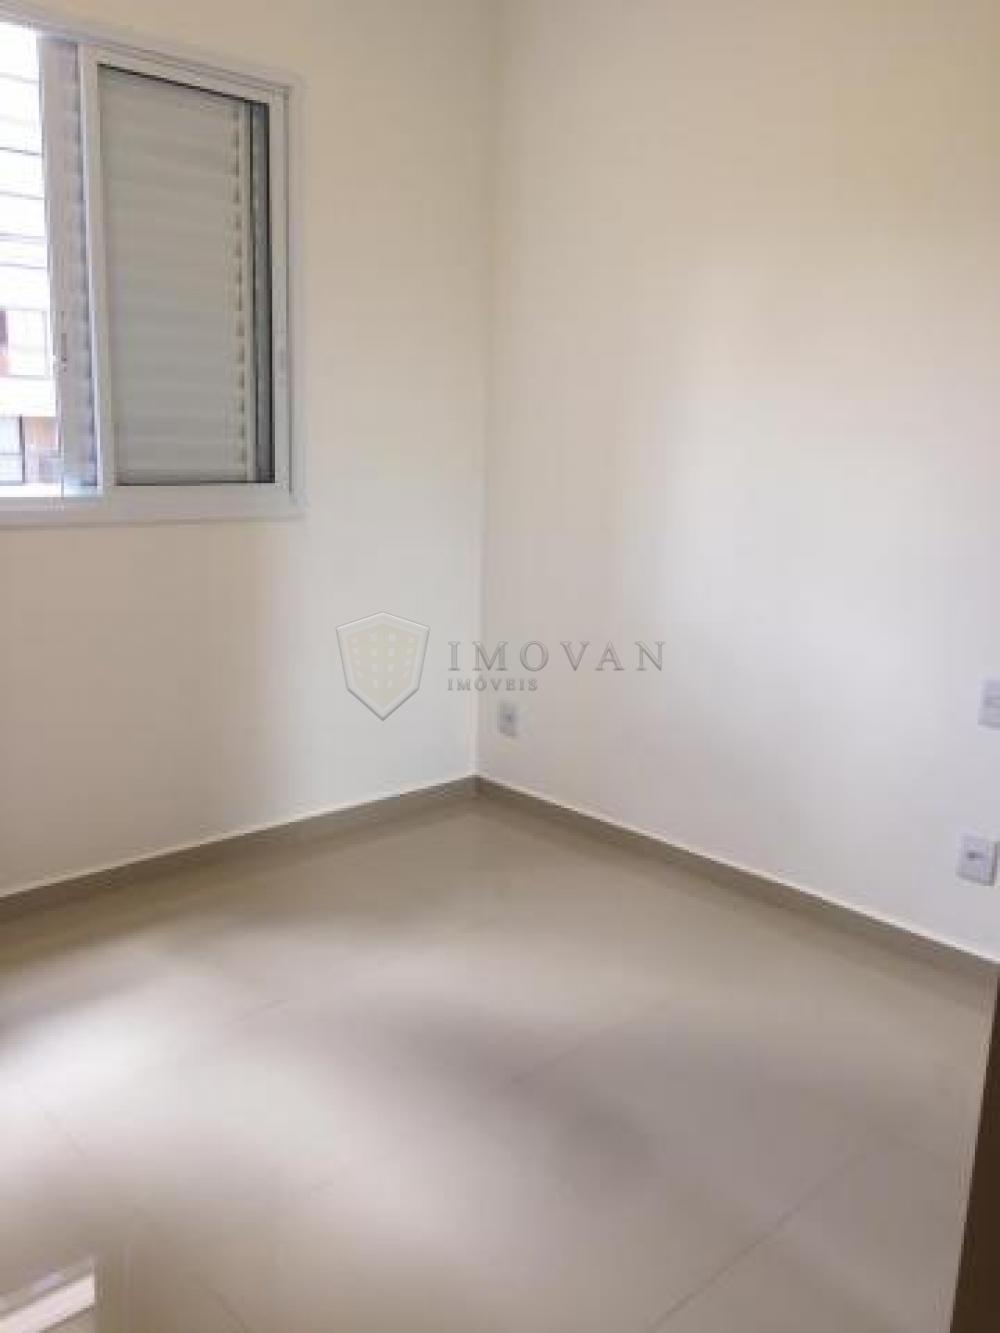 Comprar Apartamento / Padrão em Ribeirão Preto R$ 440.000,00 - Foto 11